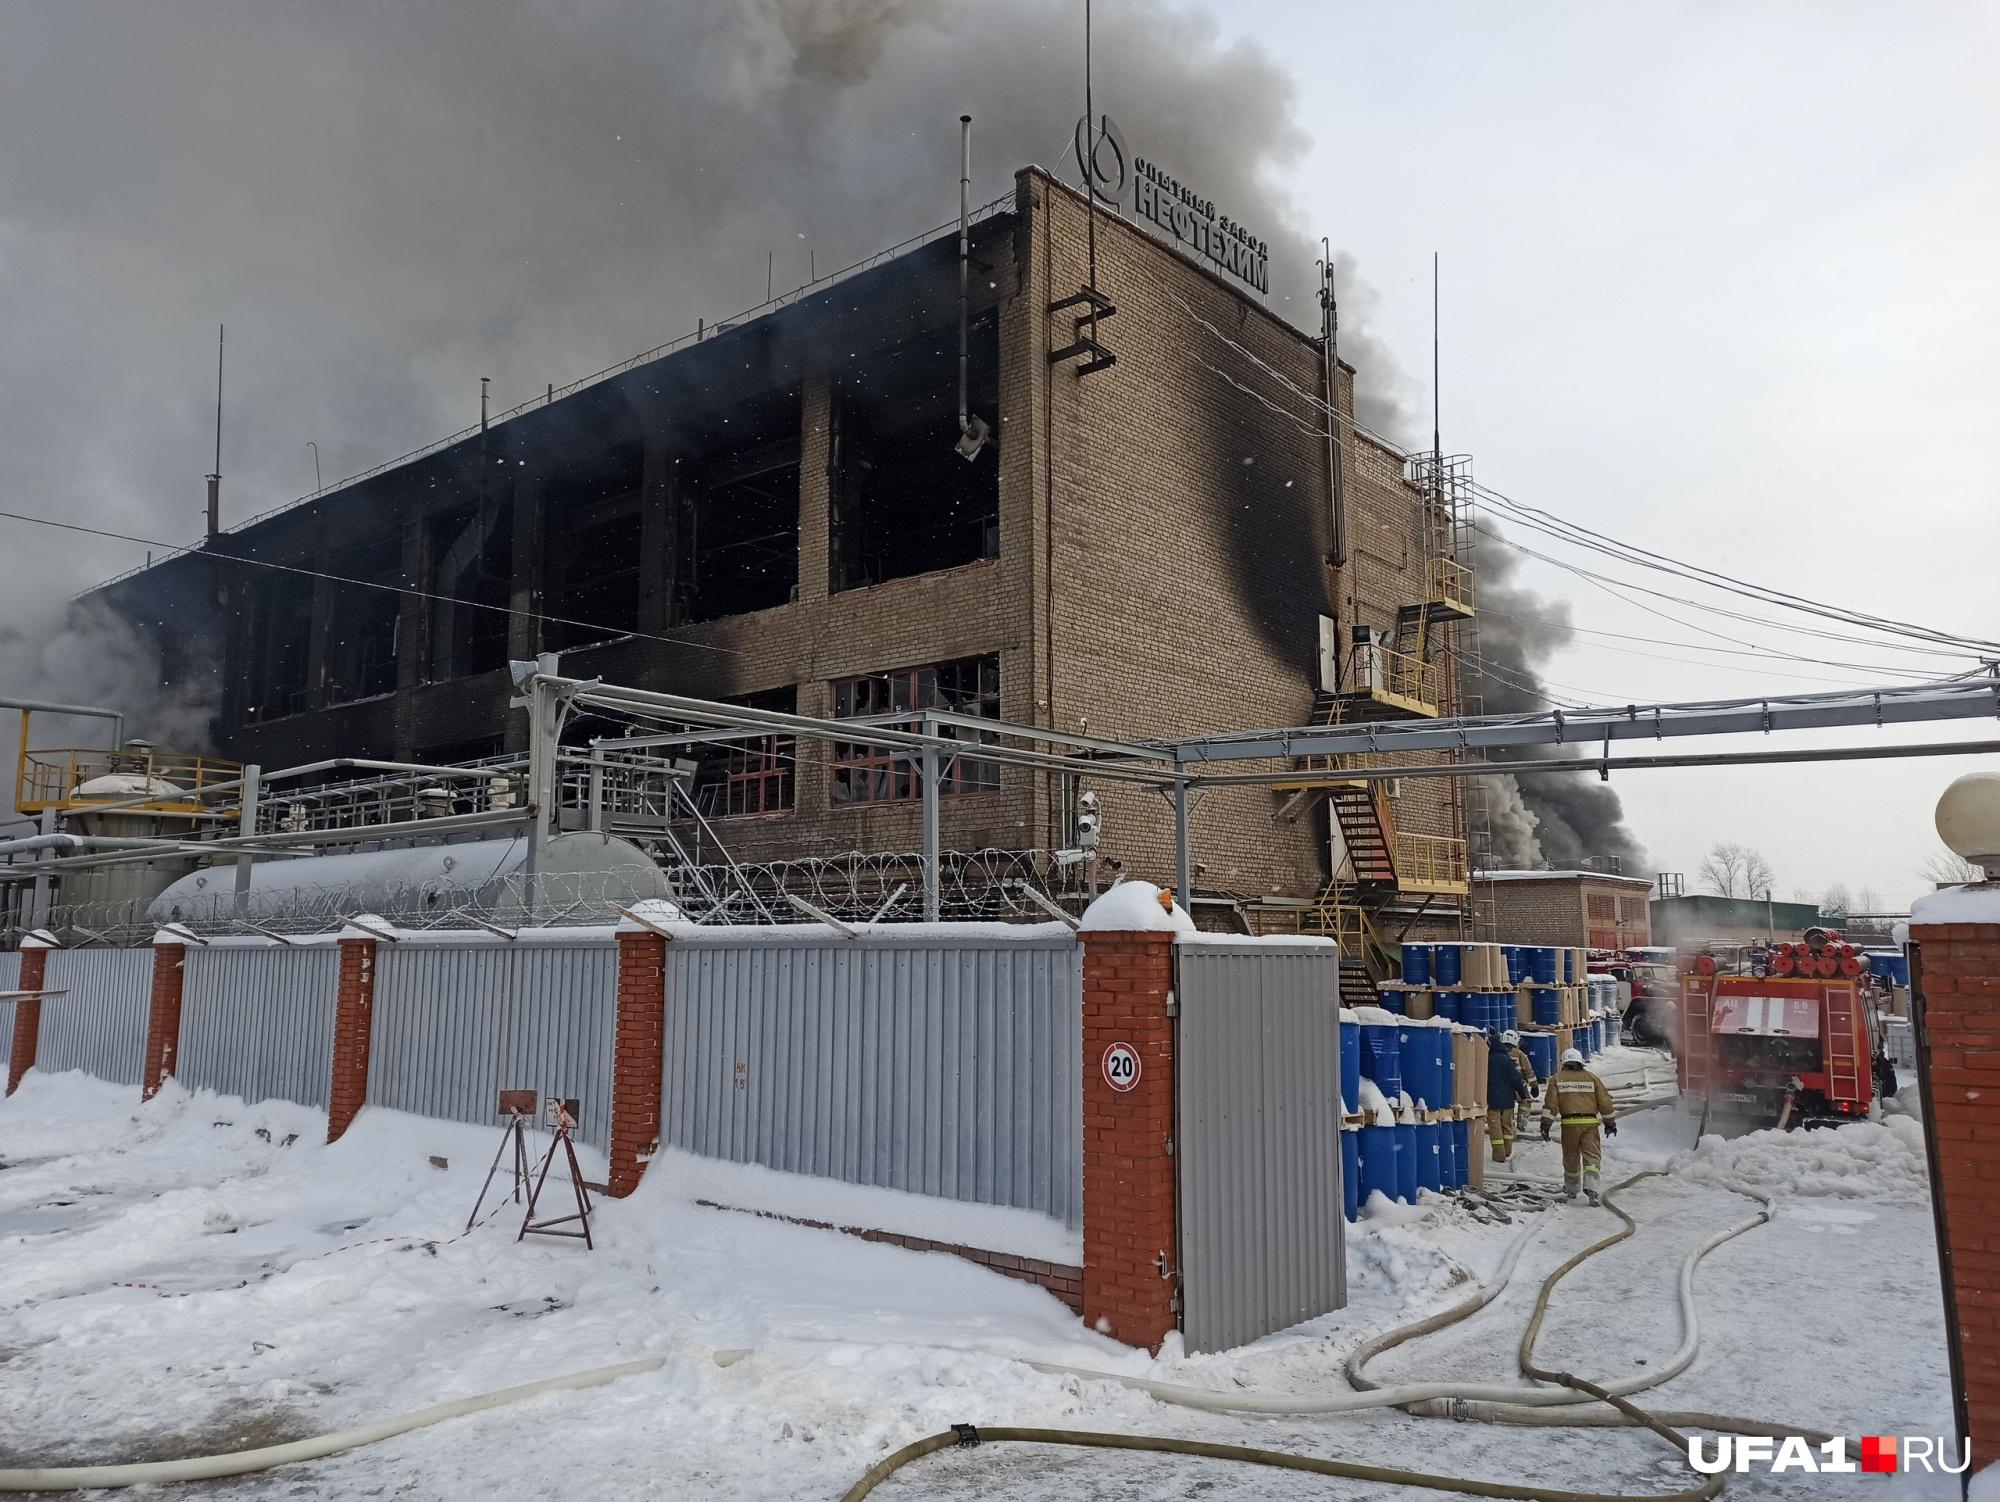 Пожар на нефтехимическом заводе в Уфе ликвидировали